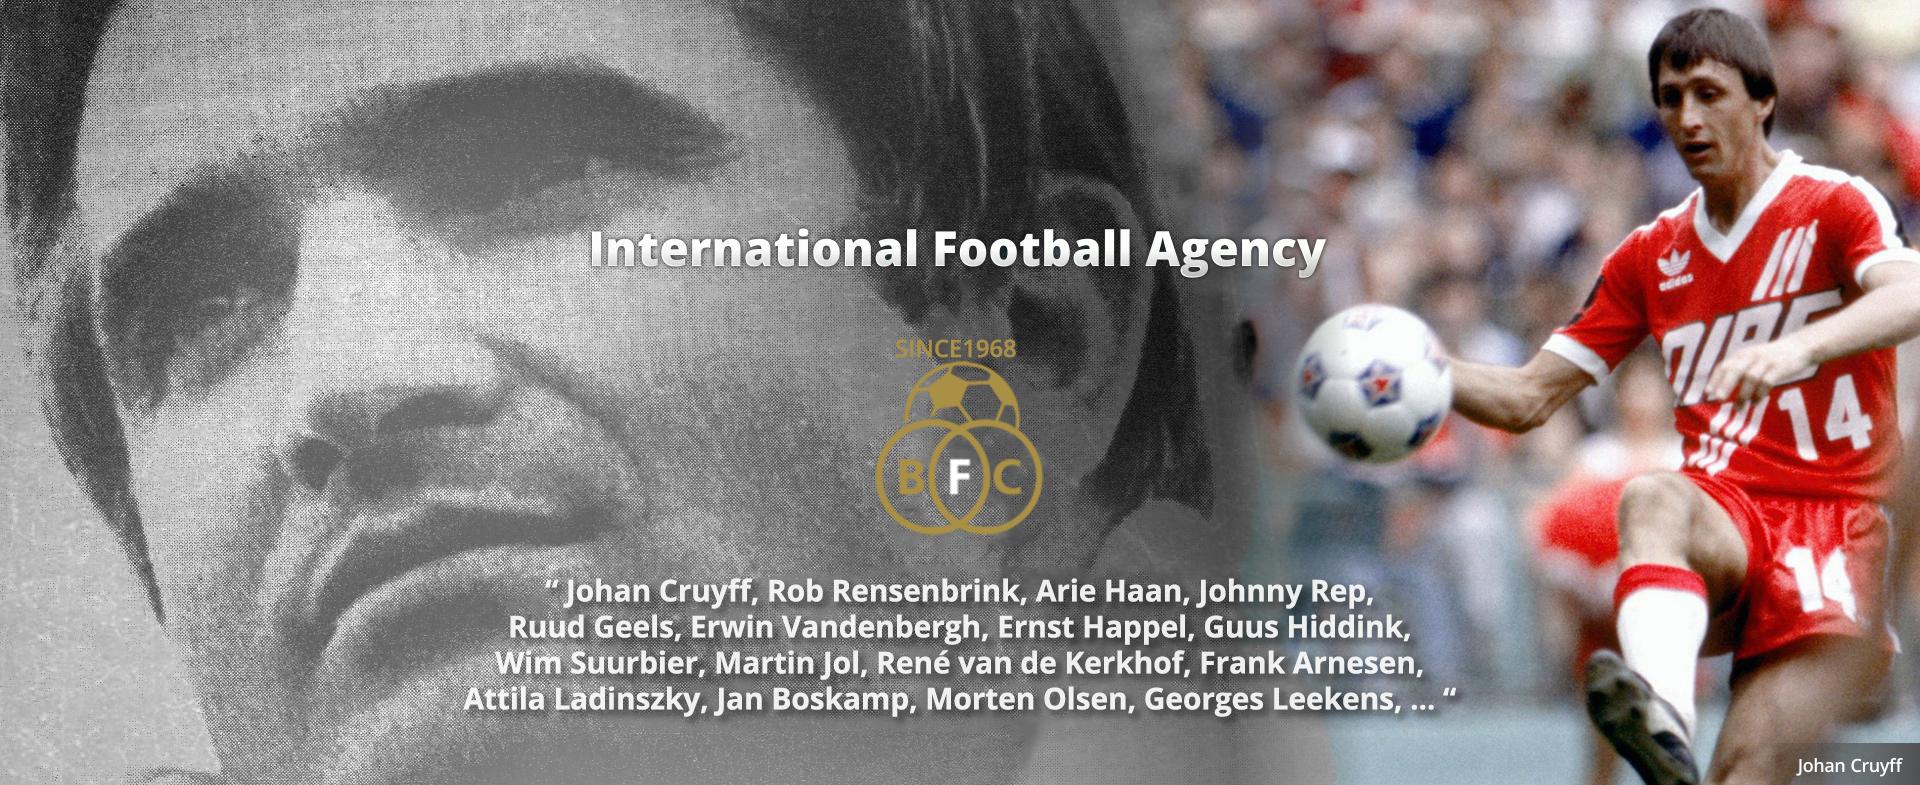 Békeffy Football Consulting - játékosügynökség |Békeffy Football ...